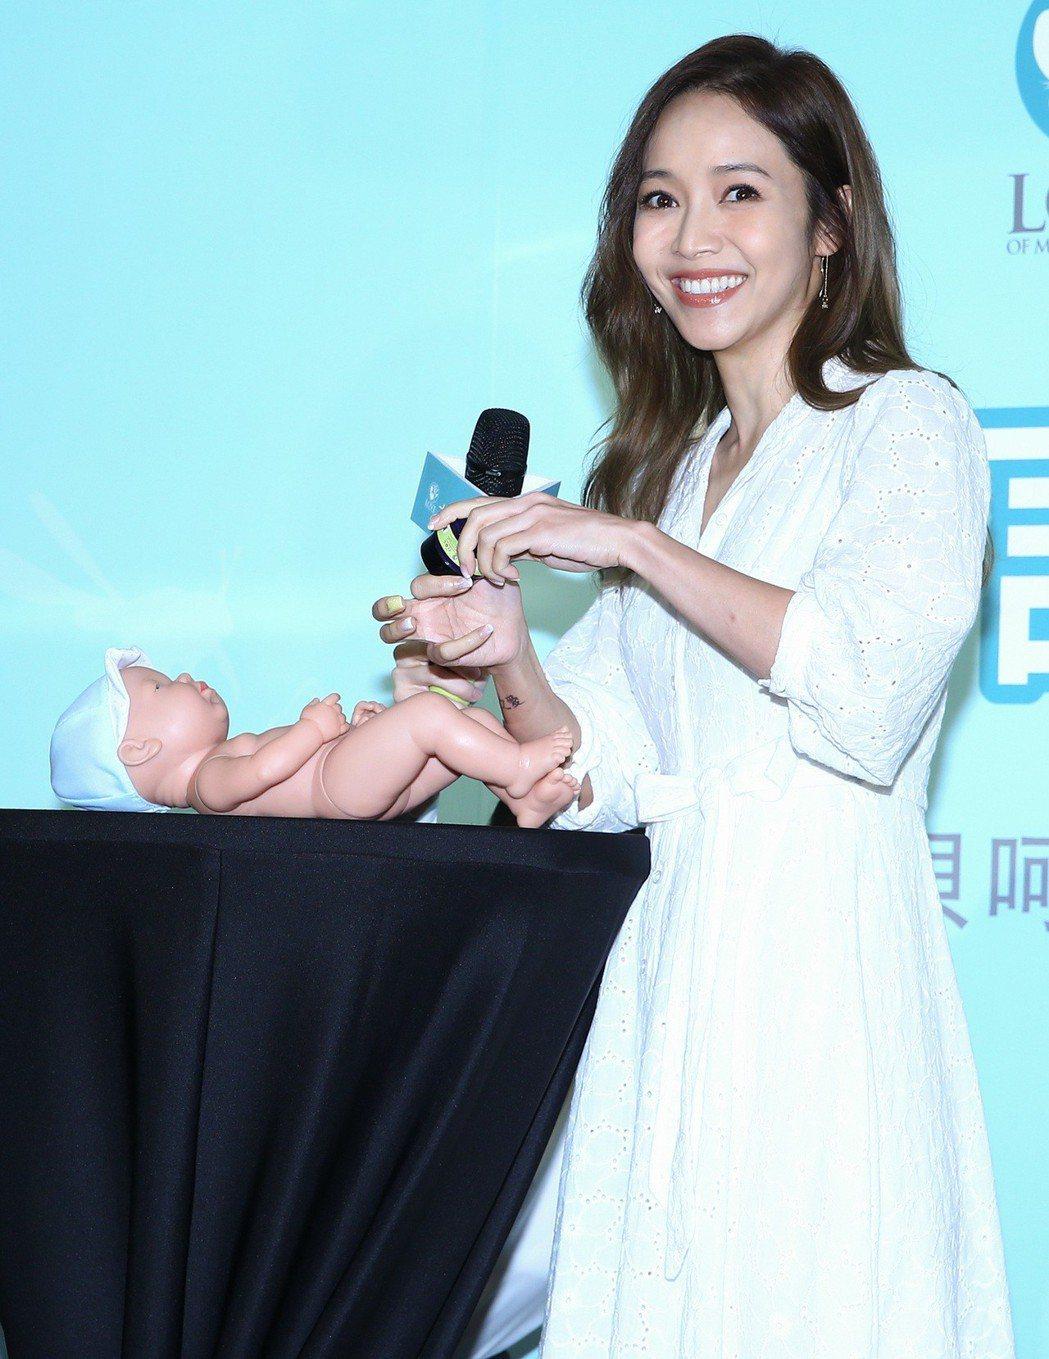 藝人侯佩岑出席大地之愛產品代言記者會,示範幫小嬰兒抹乳液。記者陳柏亨/攝影